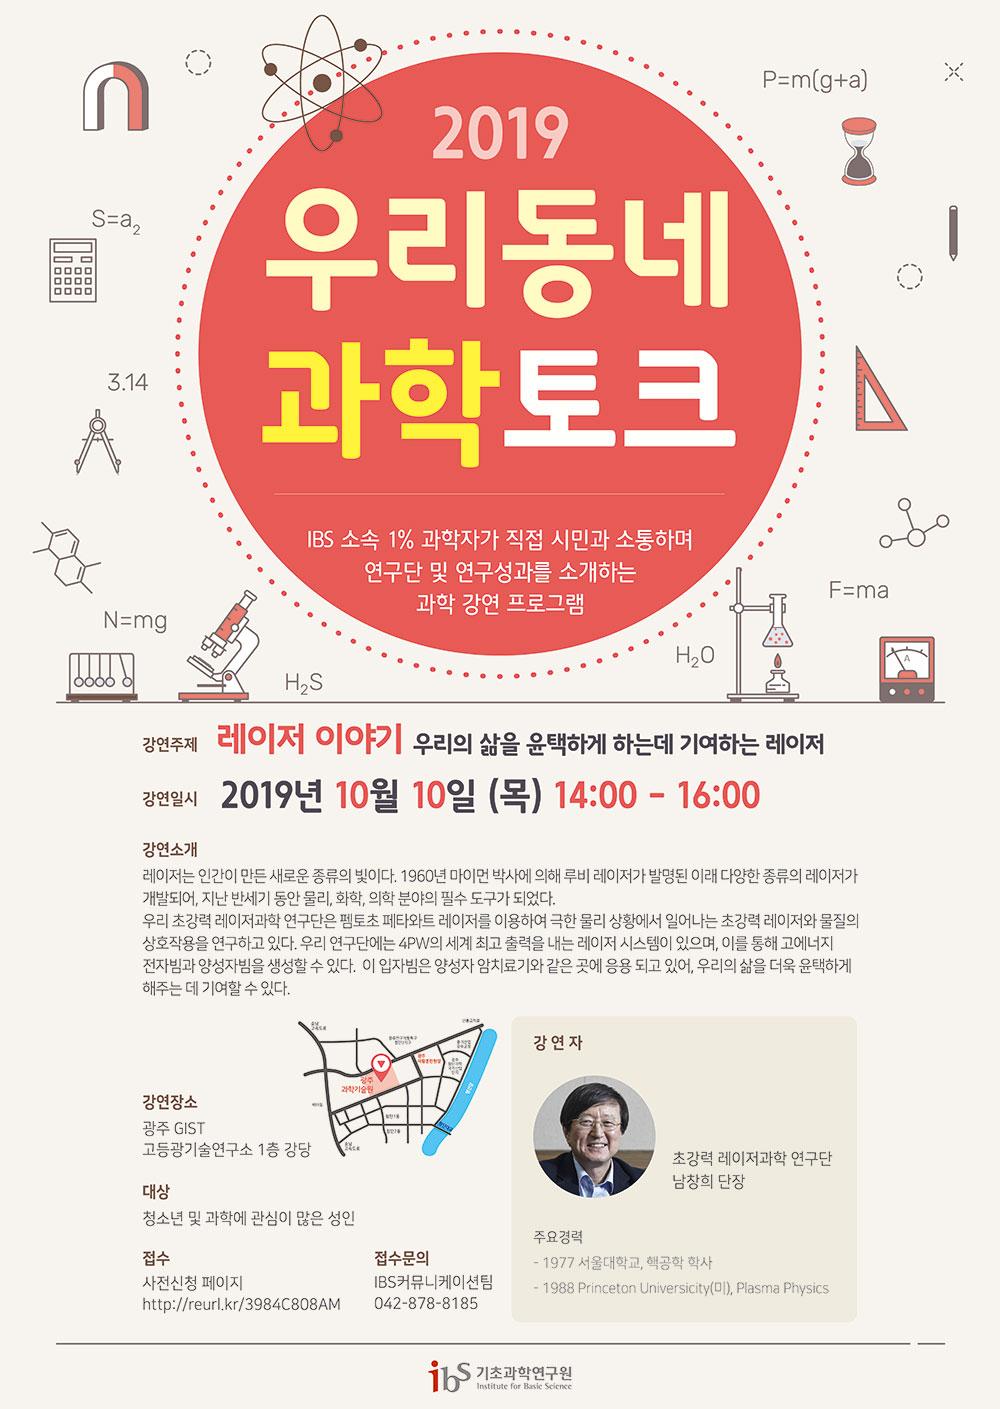 2019 우리동네과학토크 4회 행사 포스터